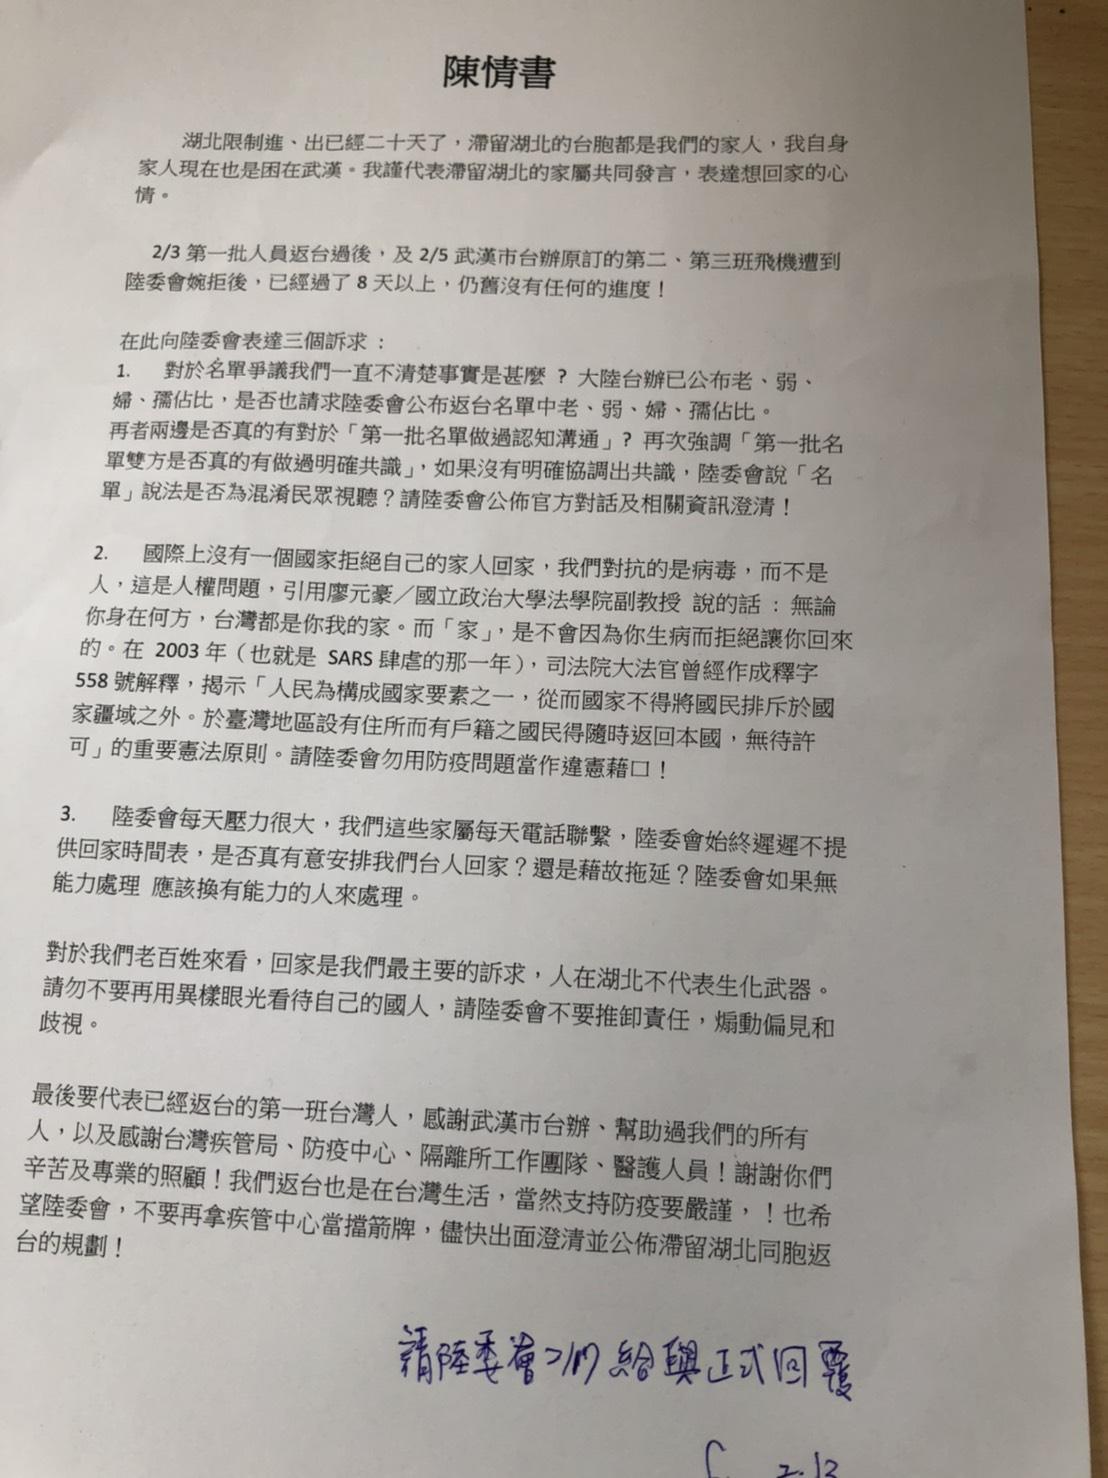 他們要求陸委會在2/17以前給予正式的答覆,否則不排除號召更多的民眾前來抗議。圖:謝莉慧/攝